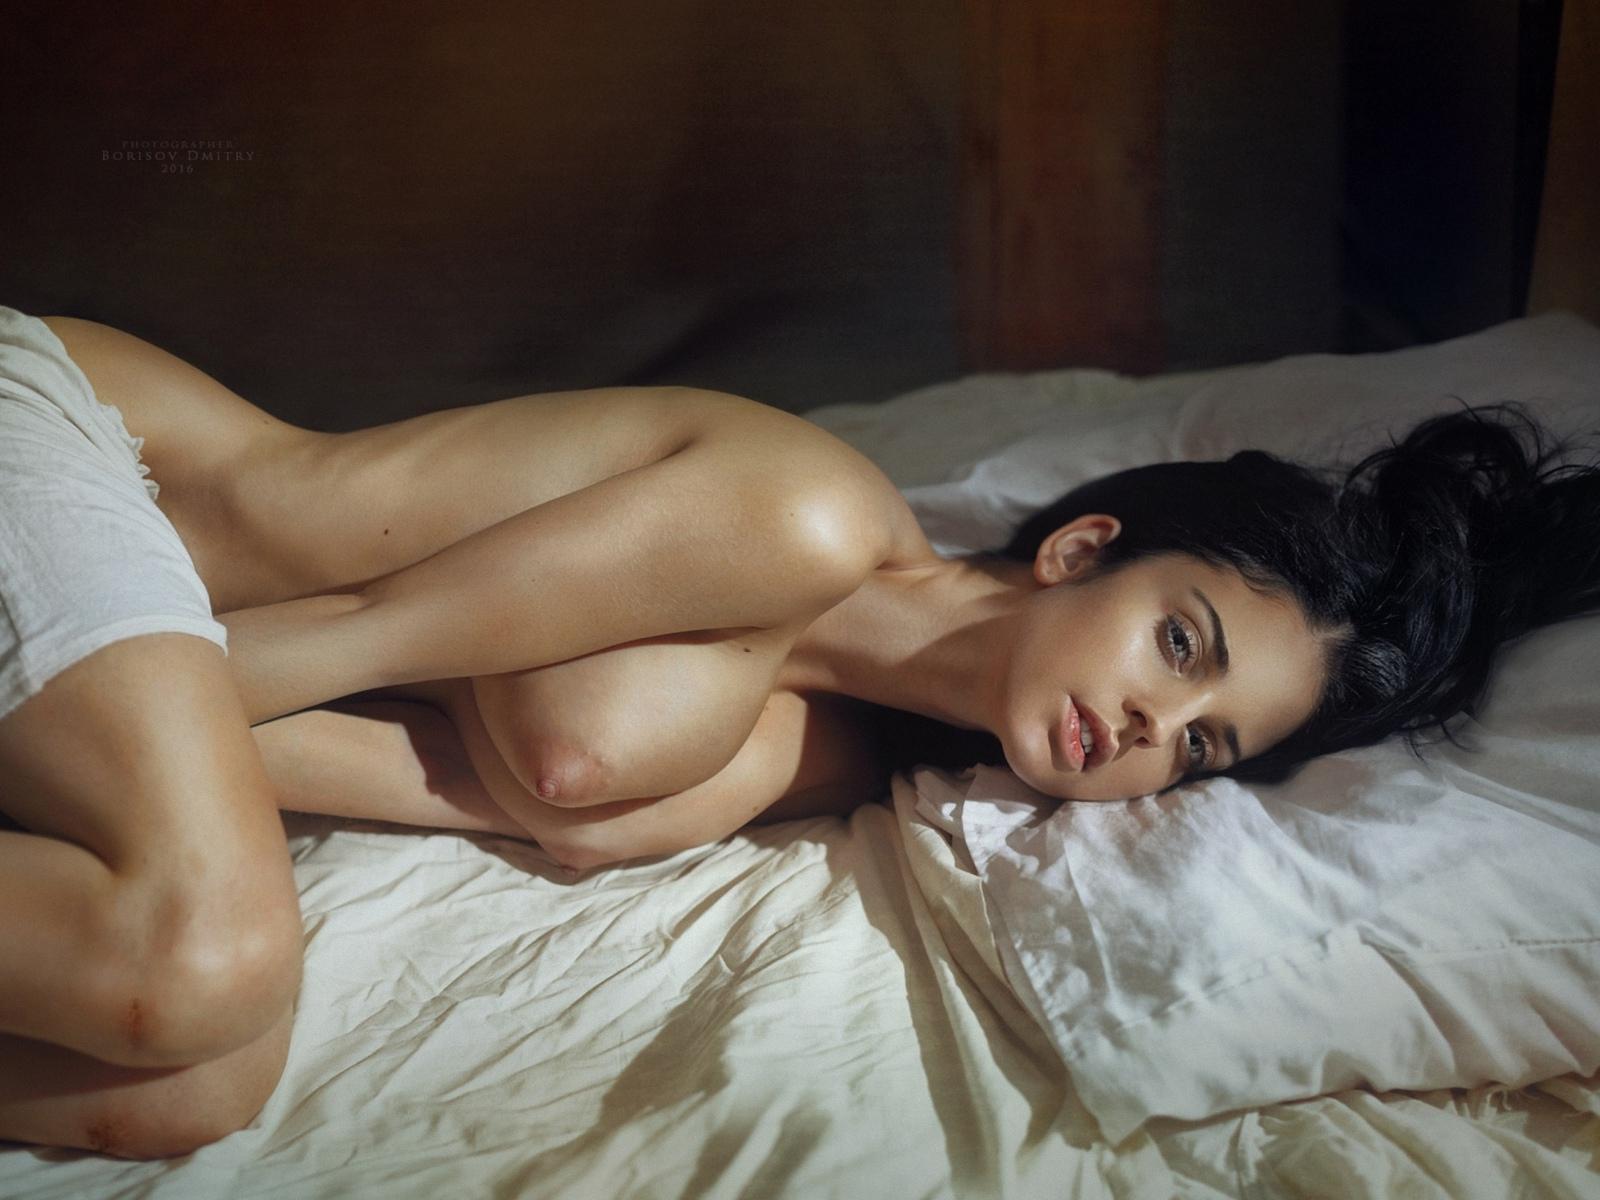 девушка, модель, позирует, обнаженная